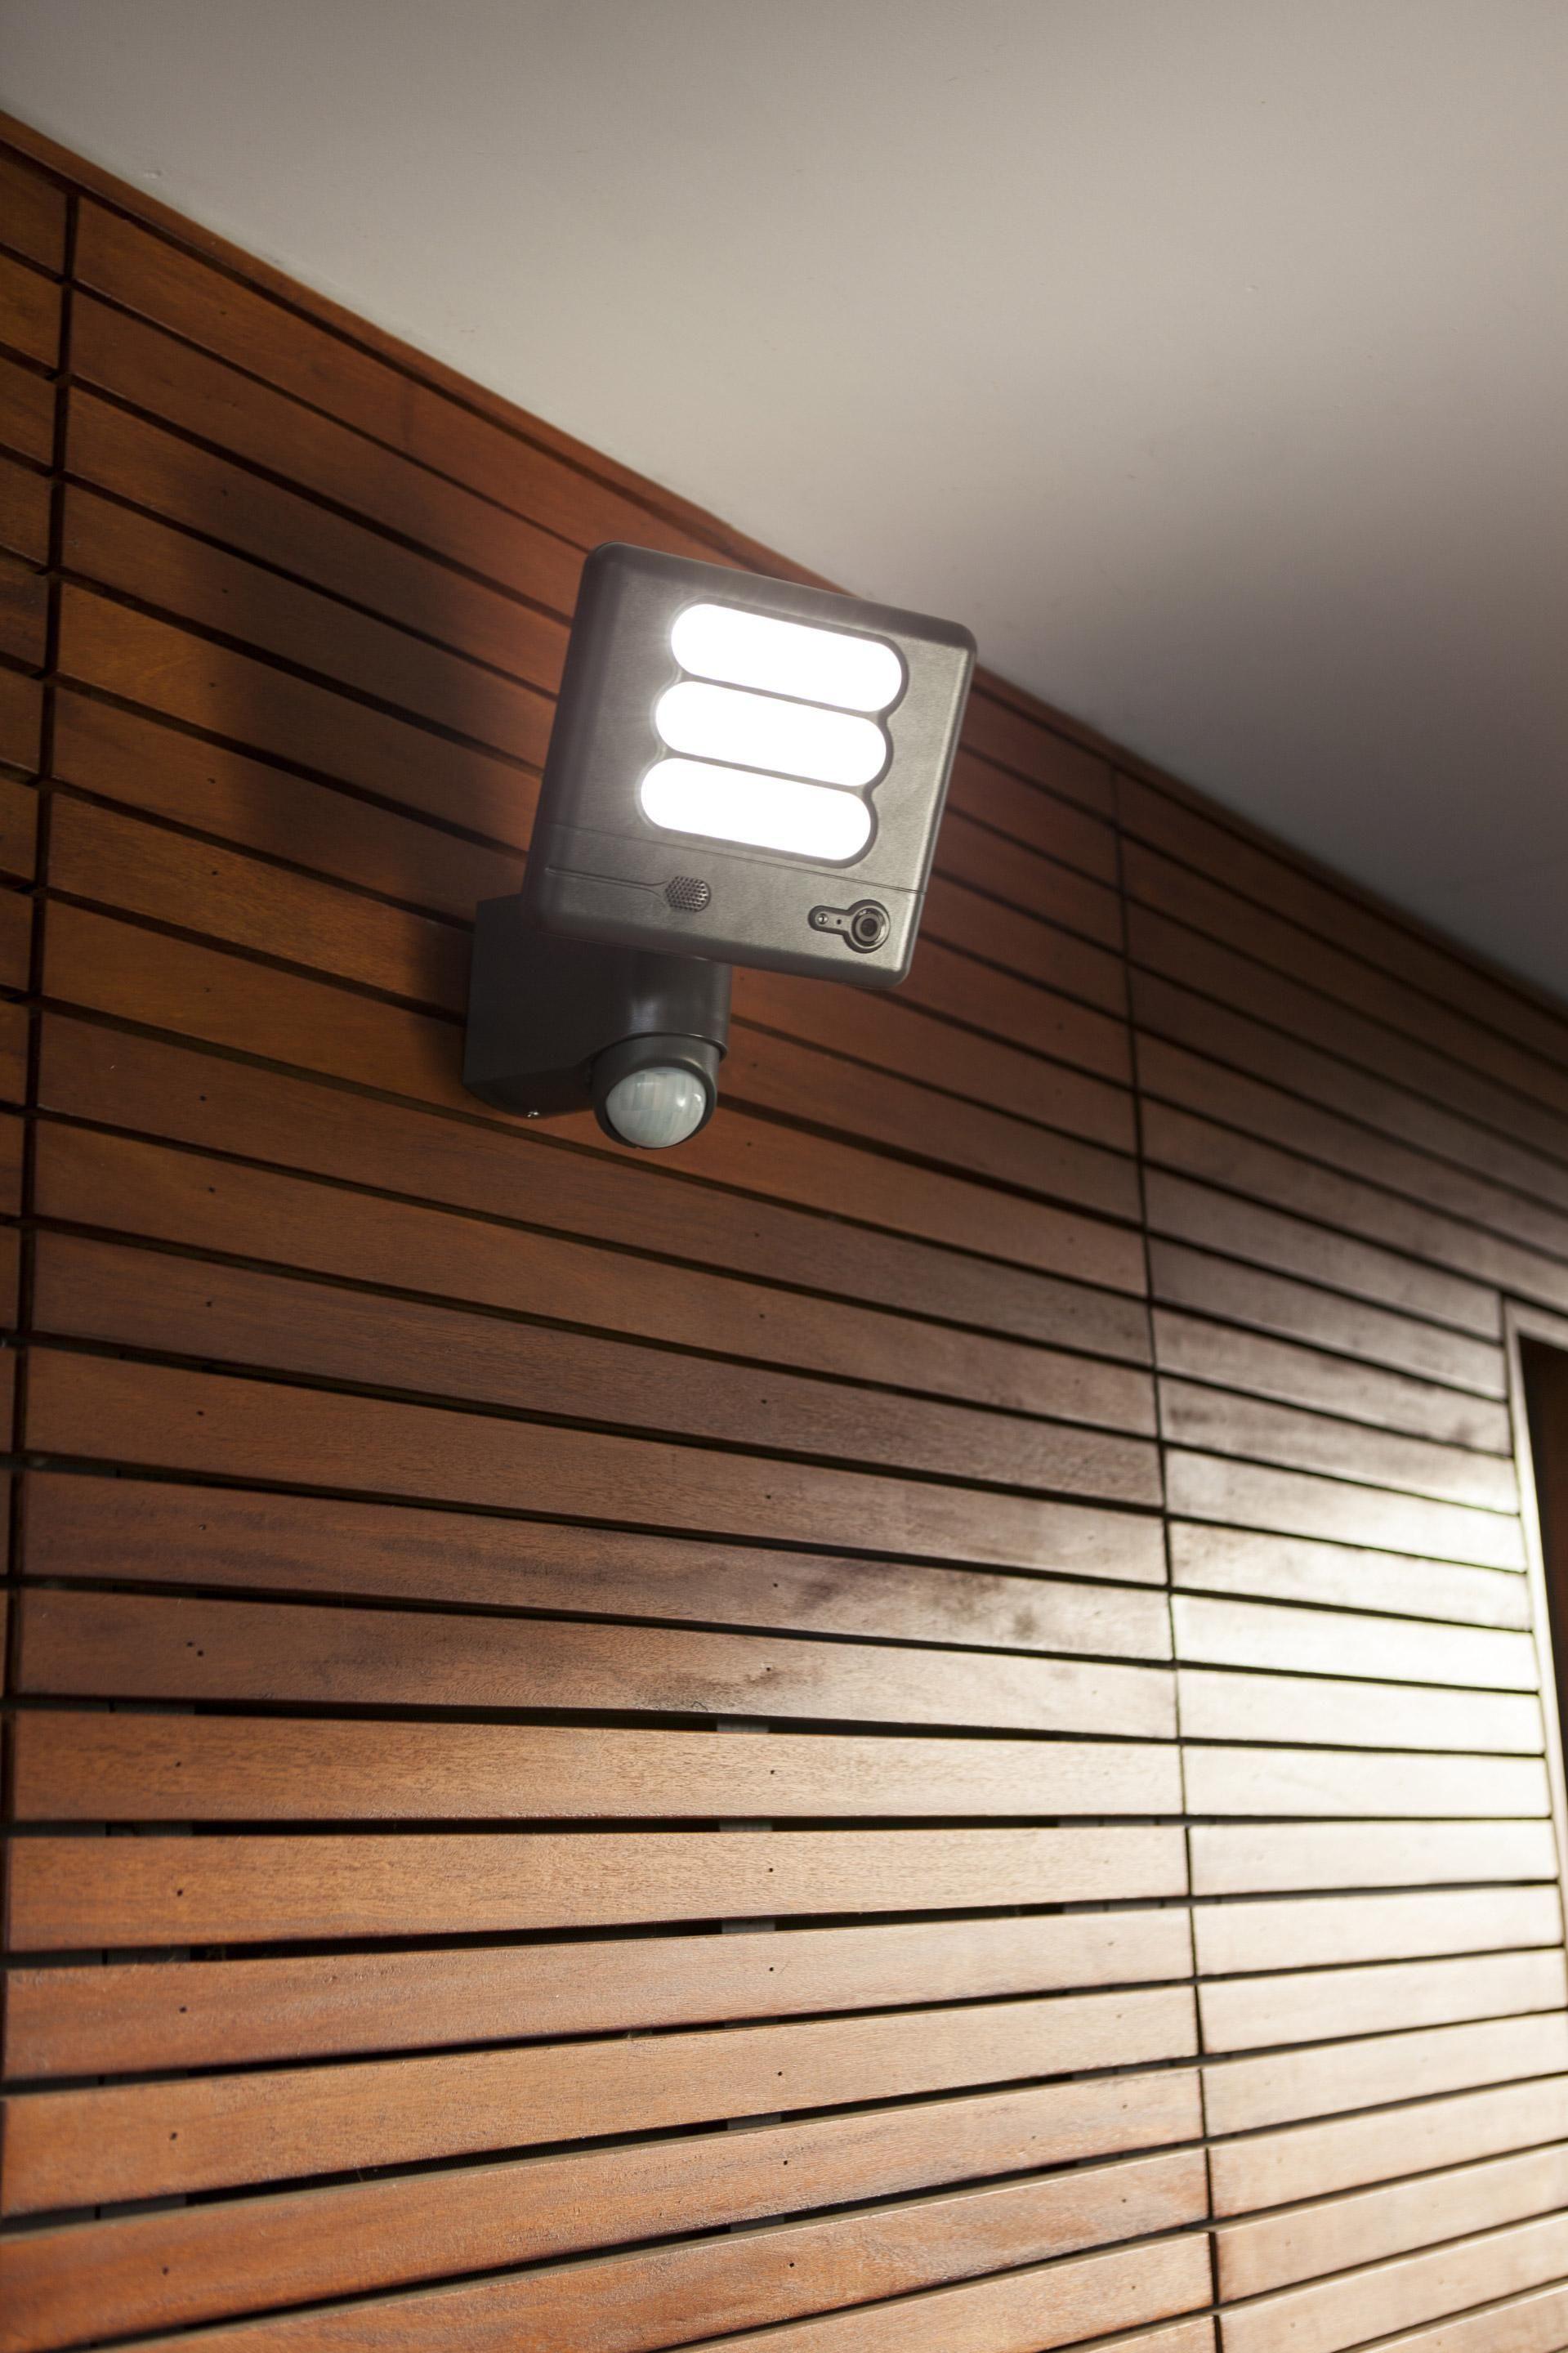 Projecteur A Fixer A Detection Exterieur Led Integree 1530 Lm Noir Esa Lutec Projecteur Led Et Eclairage De Securite